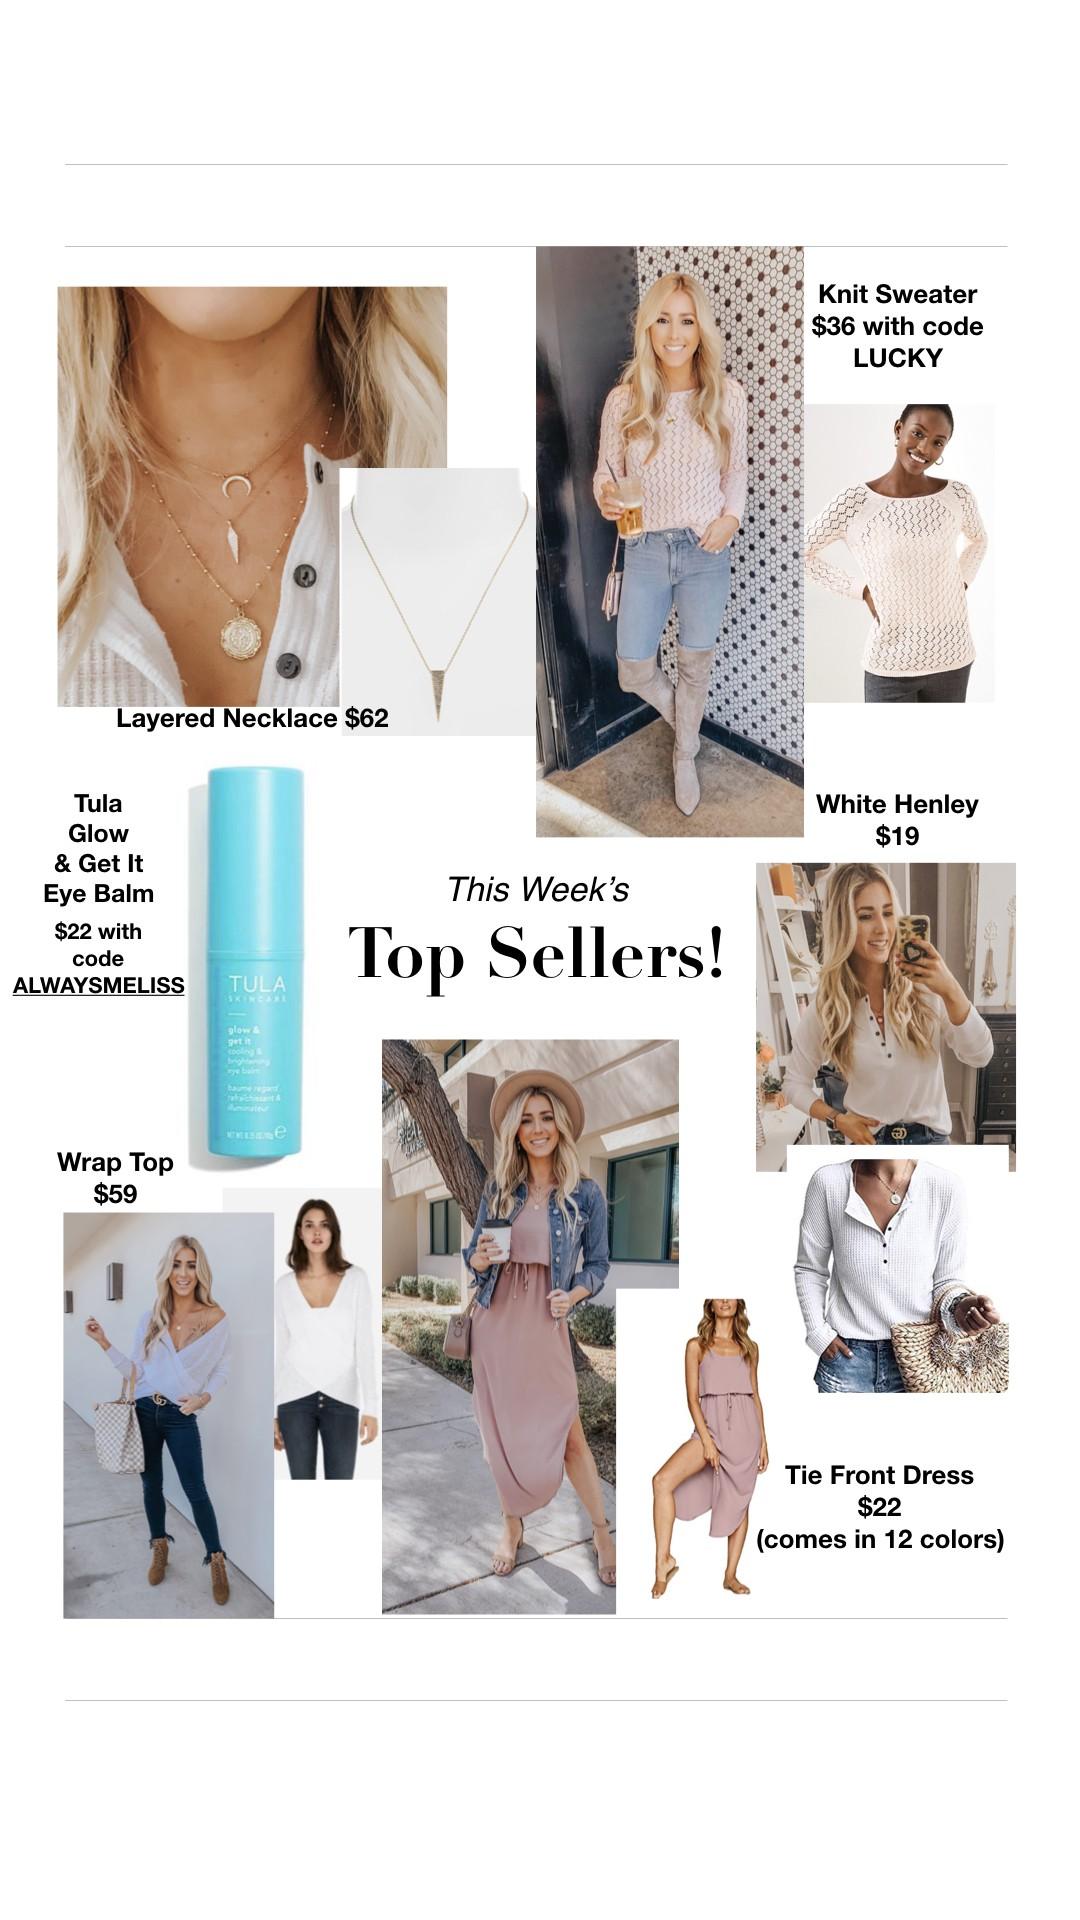 Last Week's Top Sellers - Always Meliss